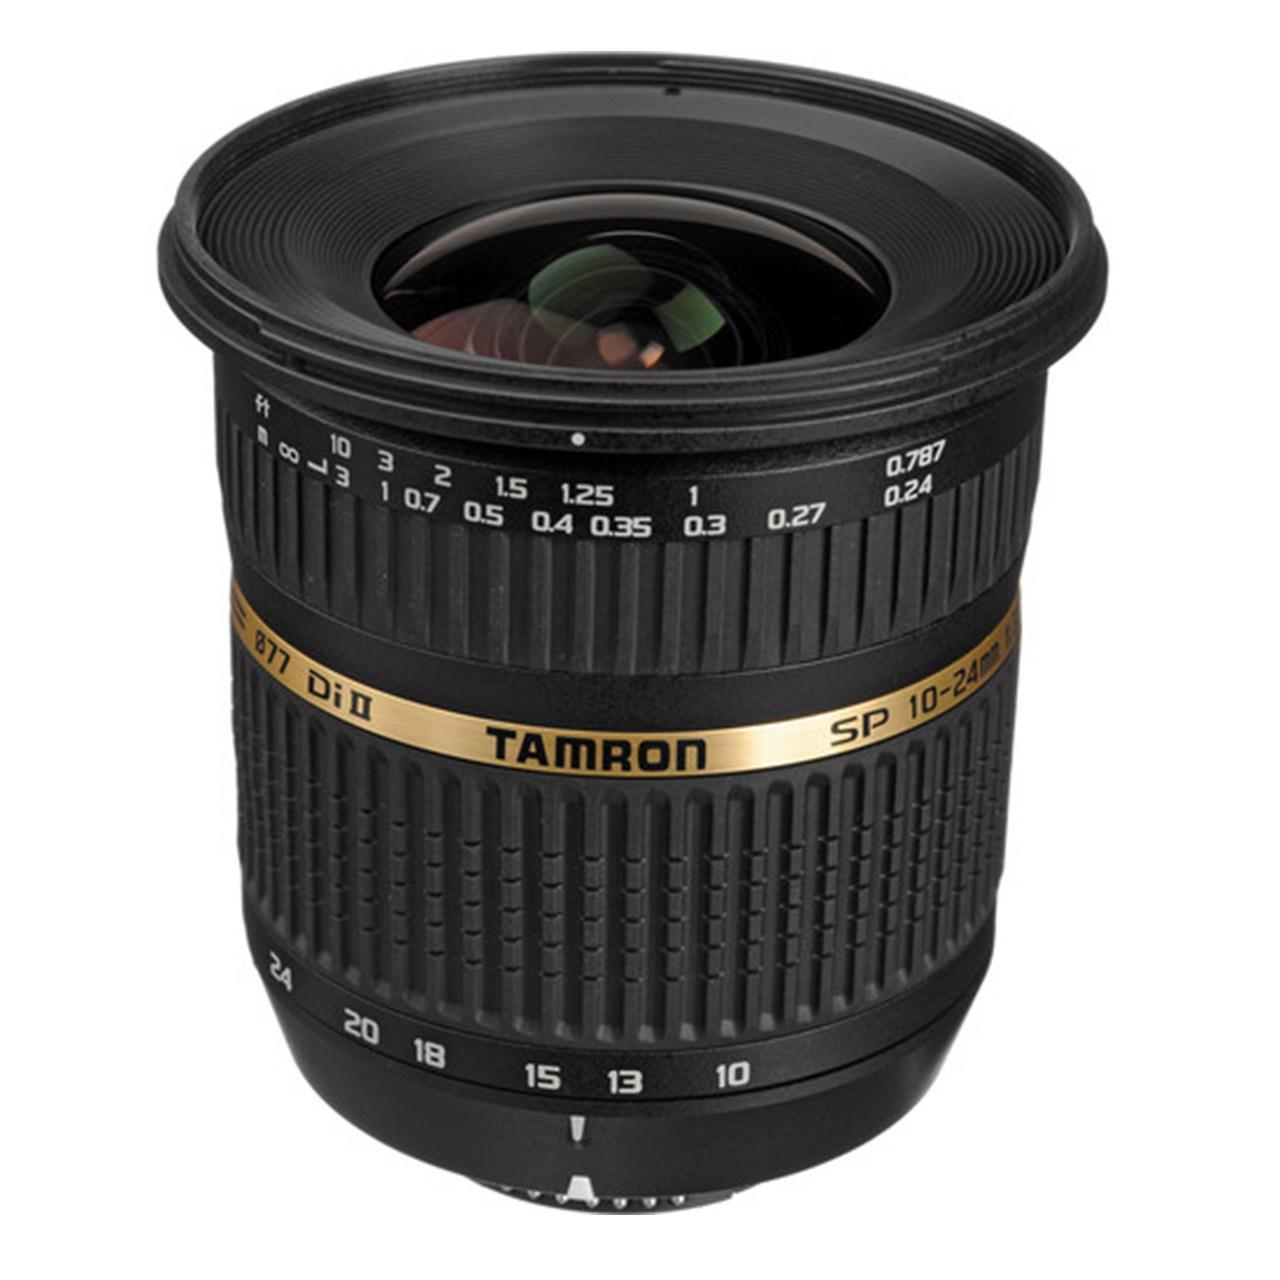 لنز تامرون مدل SP AF 10-24 mm F/3.5-4.5 Di II LD مناسب برای دوربینهای نیکون